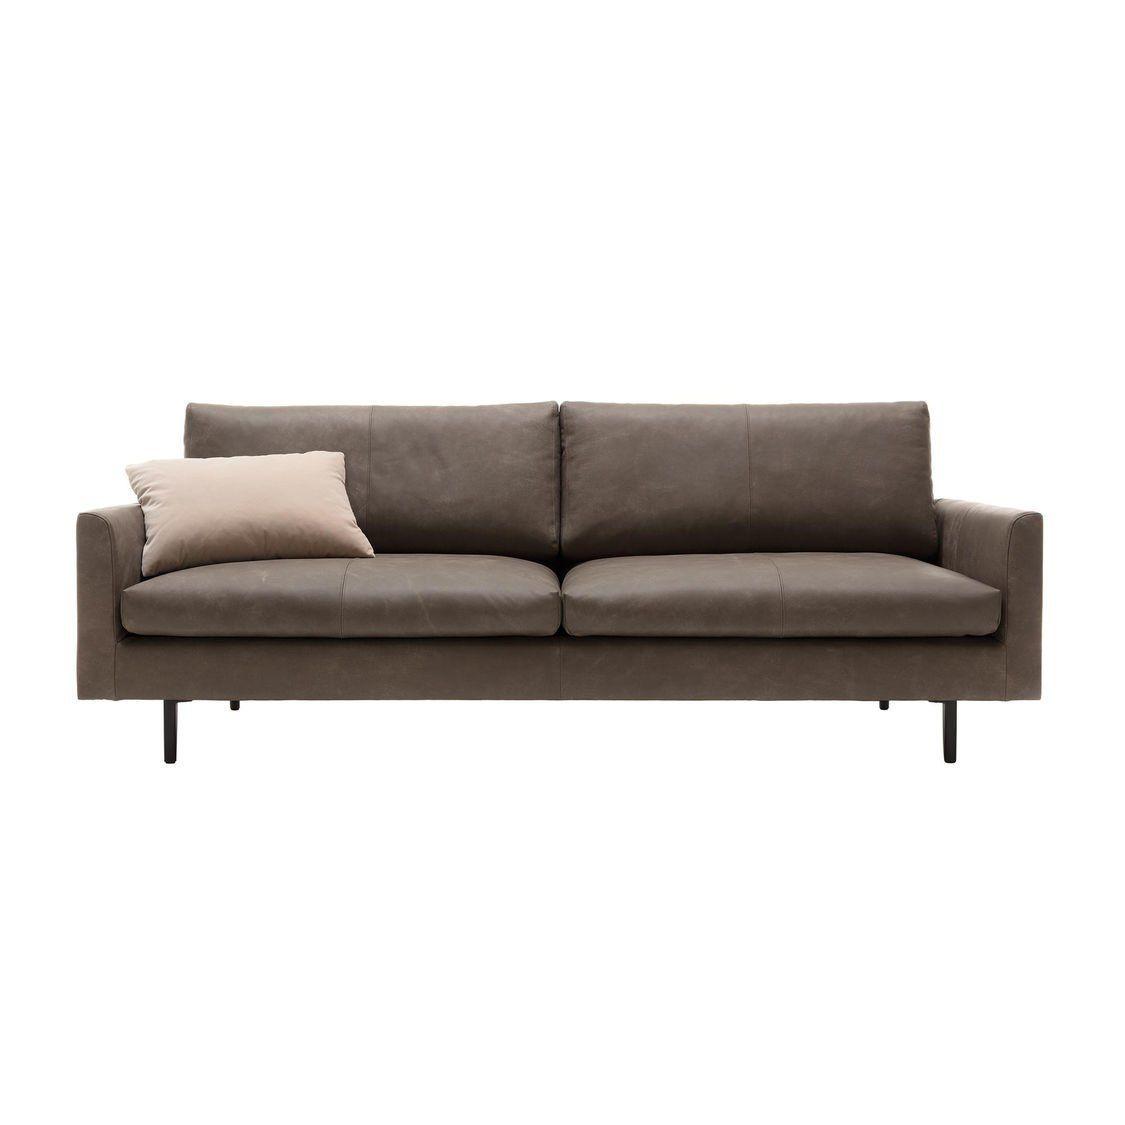 freistil rolf benz freistil 134 sofa 2 sitzer ambientedirect. Black Bedroom Furniture Sets. Home Design Ideas